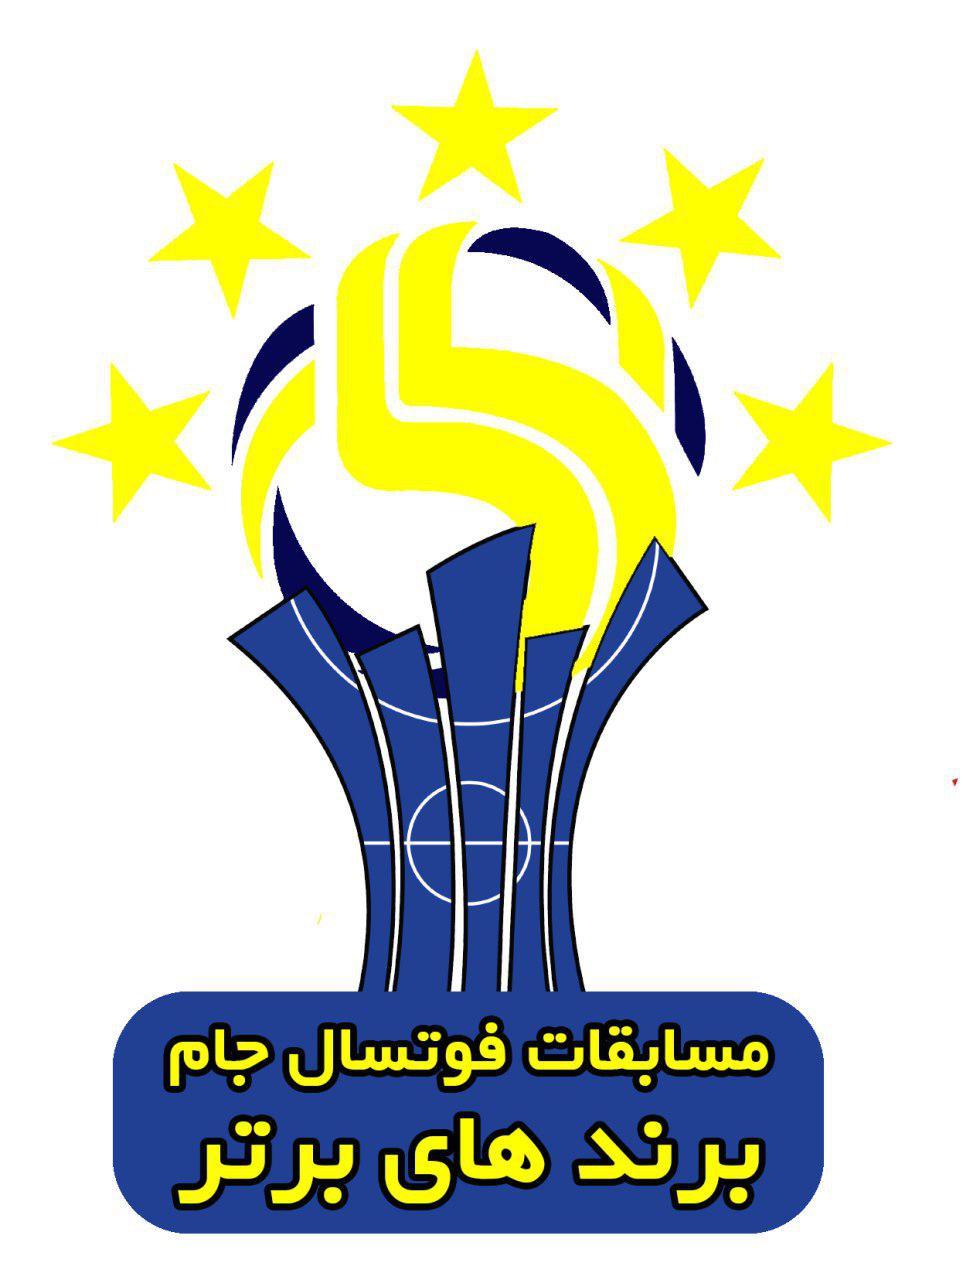 لوگو مسابقات فوتسال برندهای برتر کشور